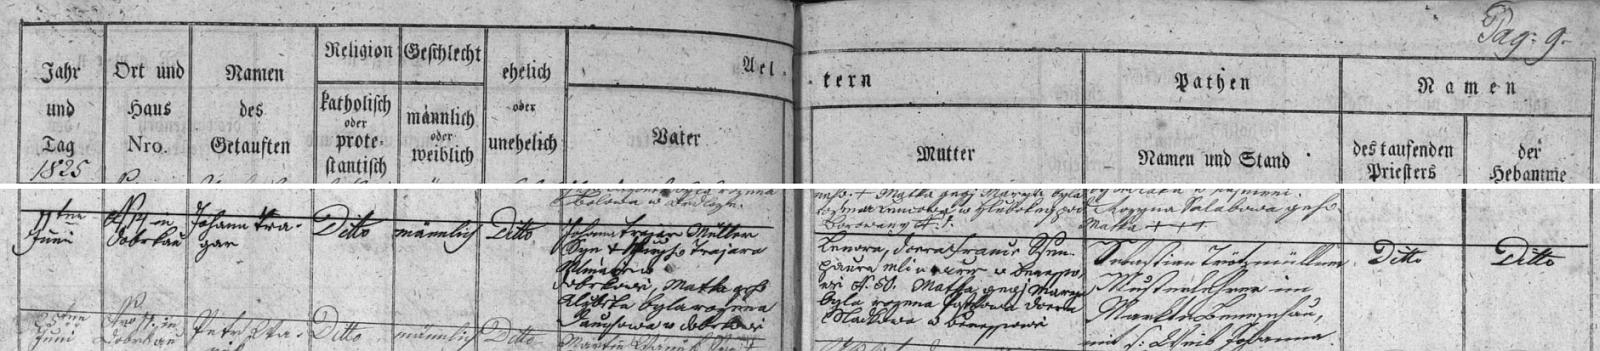 """Podle záznamu v křestní matrice farní obce Besednice narodil se 11. června roku 1825 v Dobrkově čp. 14 mlynáři Johannu Trajerovi (ten je tu psán po německu i s označením svého povolání), synu česky psaného Jiřího Trajera """"Mlináře w Dobrkowě, Matka geho Alžběta byla rozena Dauchowa w Dobrkowě"""" a jeho ženě Lenoře, která je tu česky označena jako """"dcera France Schengaura mlinaře w Benessowě N. 50. Matka gegj Marija byla rozena Postlowa dcera sladkowa w Benessowě"""""""